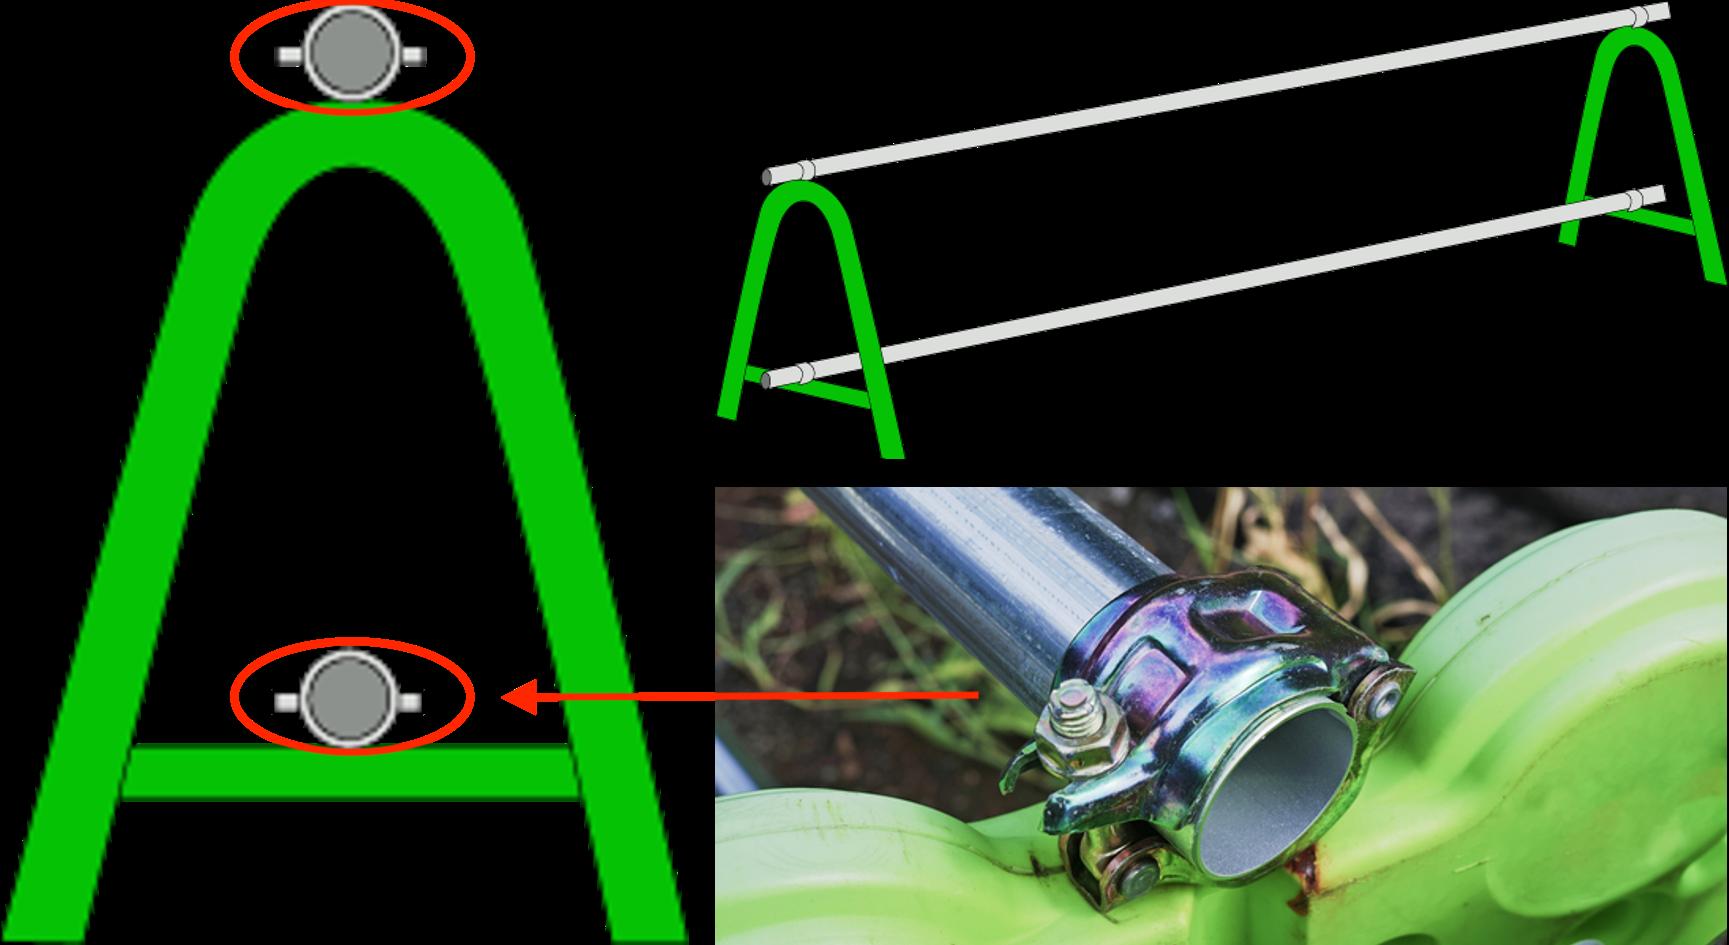 単管パイプで三密回避?!単管バリケードの活用方法について。(^_^)v